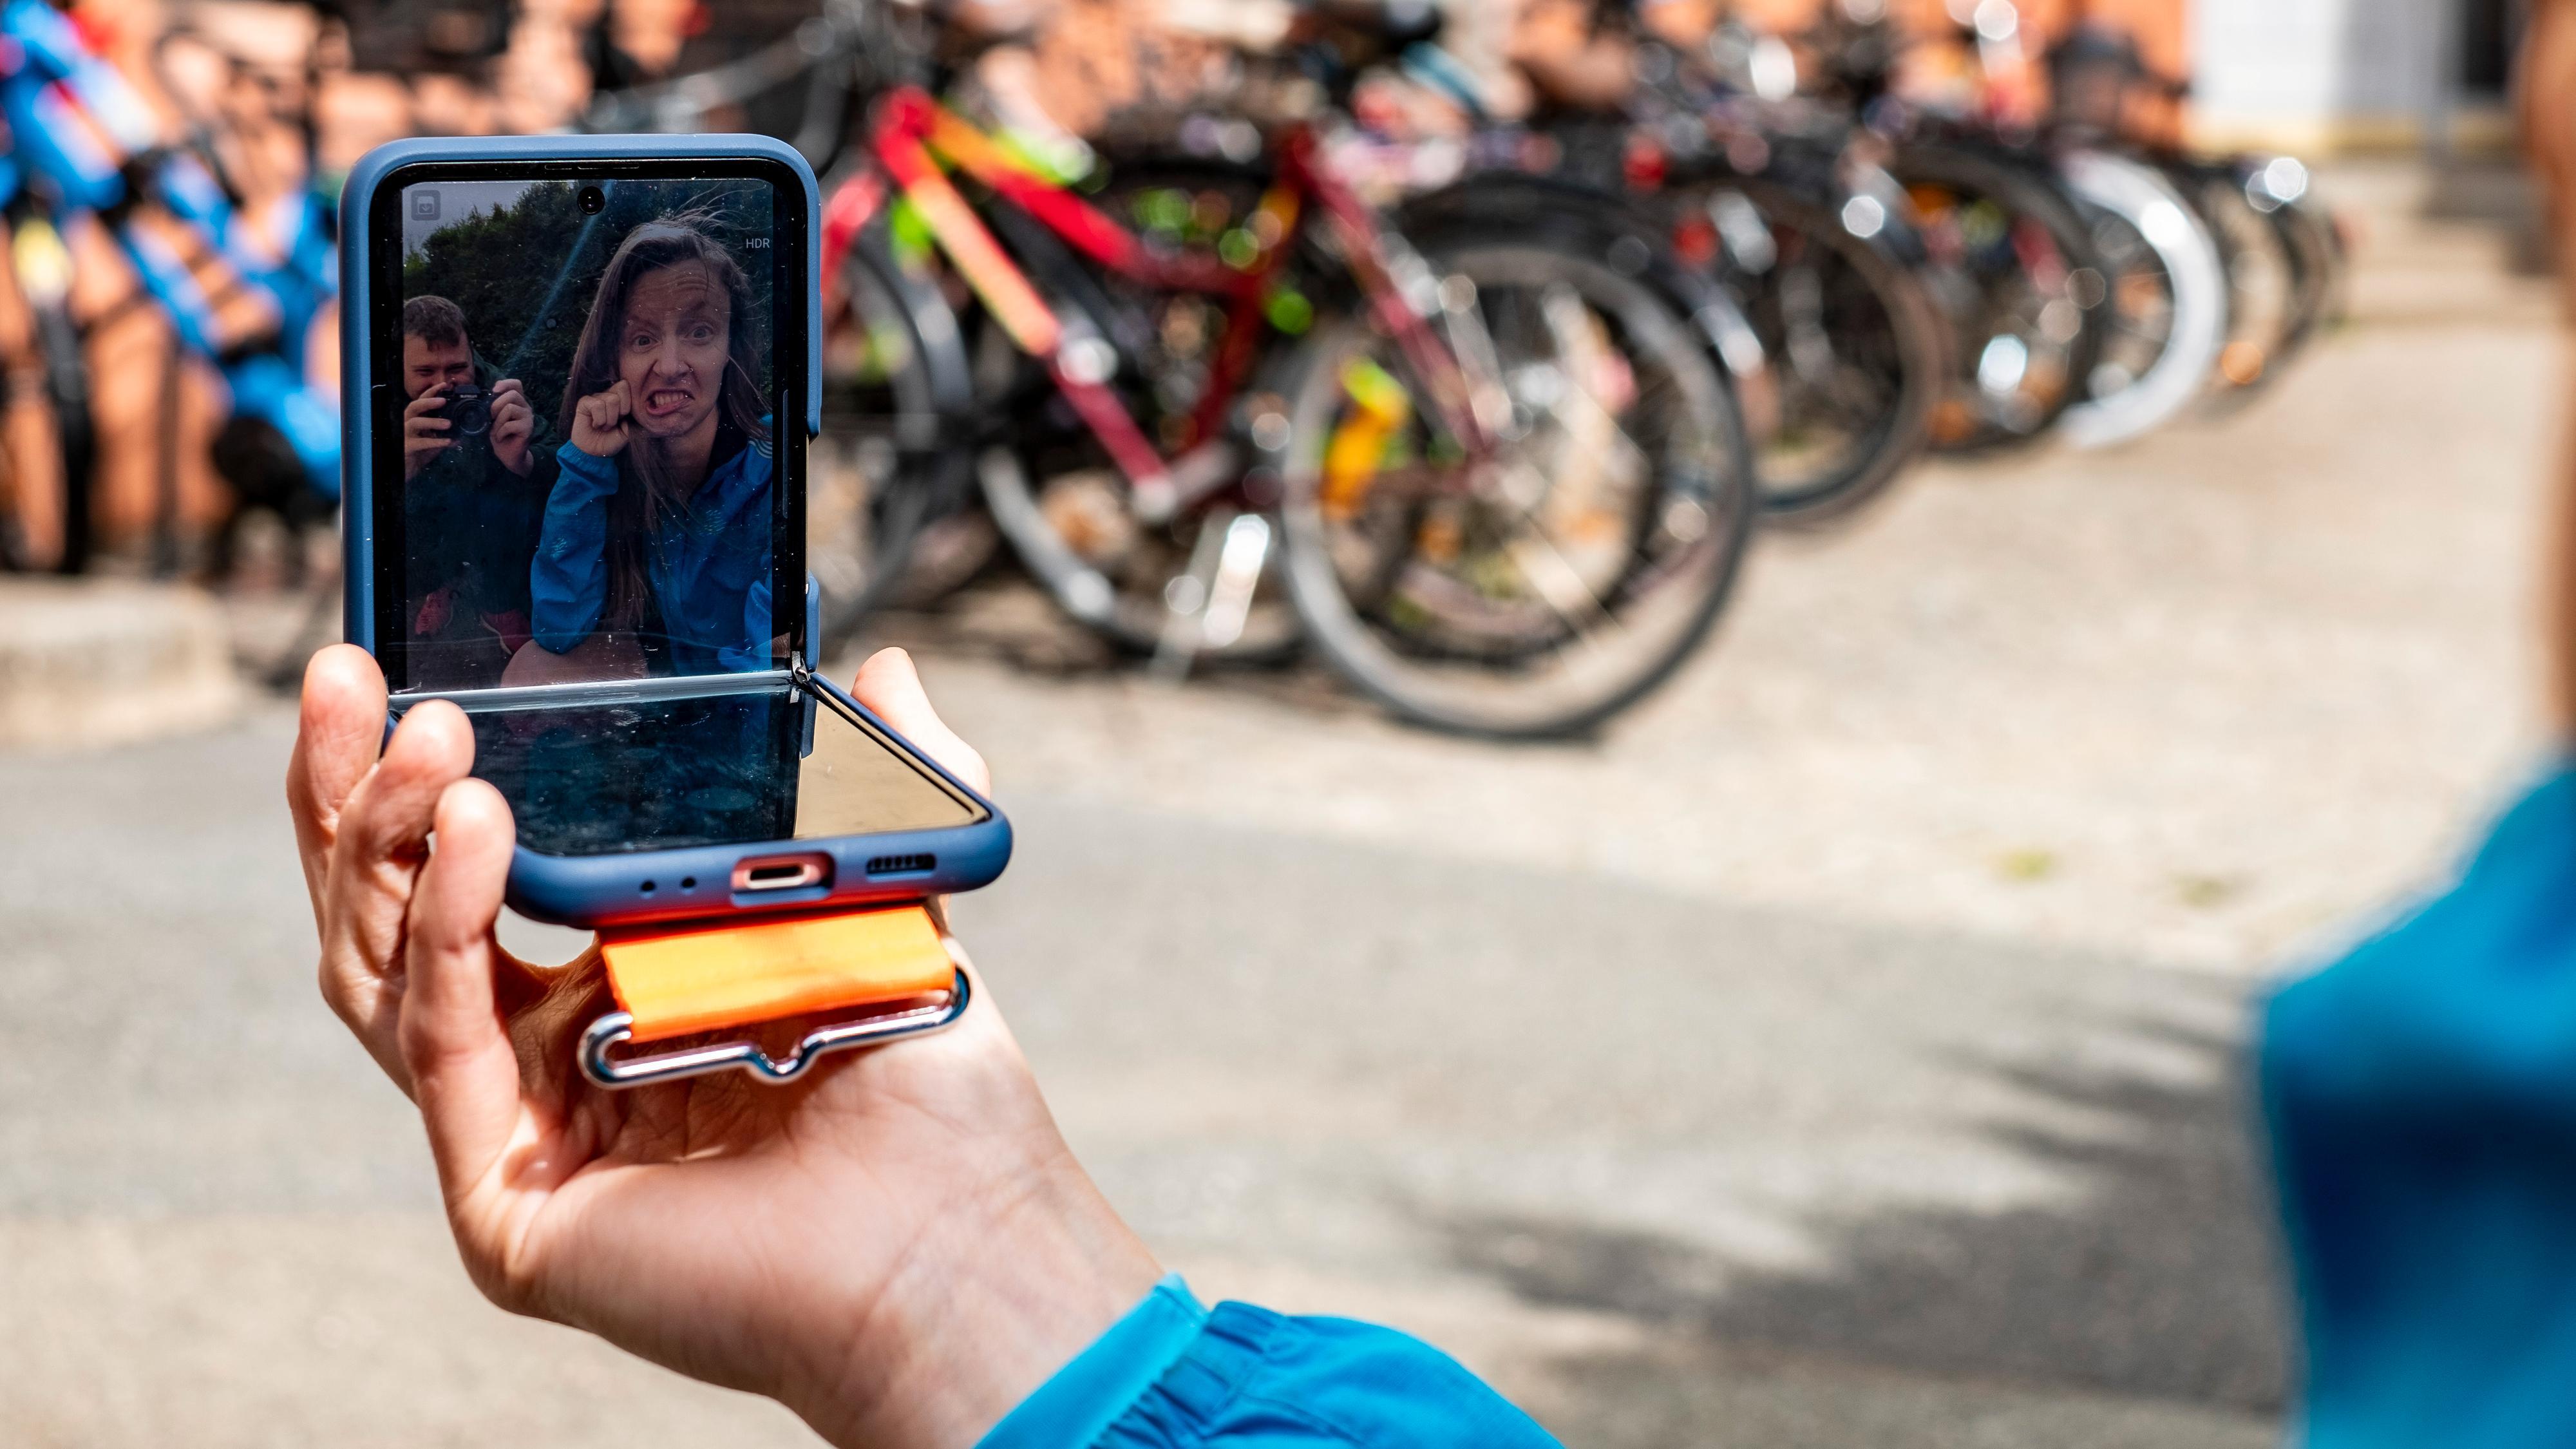 Du kan bruke kameraet inni eller utenpå for å ta selfier. I motsetning til Z Fold 3 har ikke Z Flip 3 selfiekamera gjemt under skjermen - i stedet har det et vanlig kikkhull.